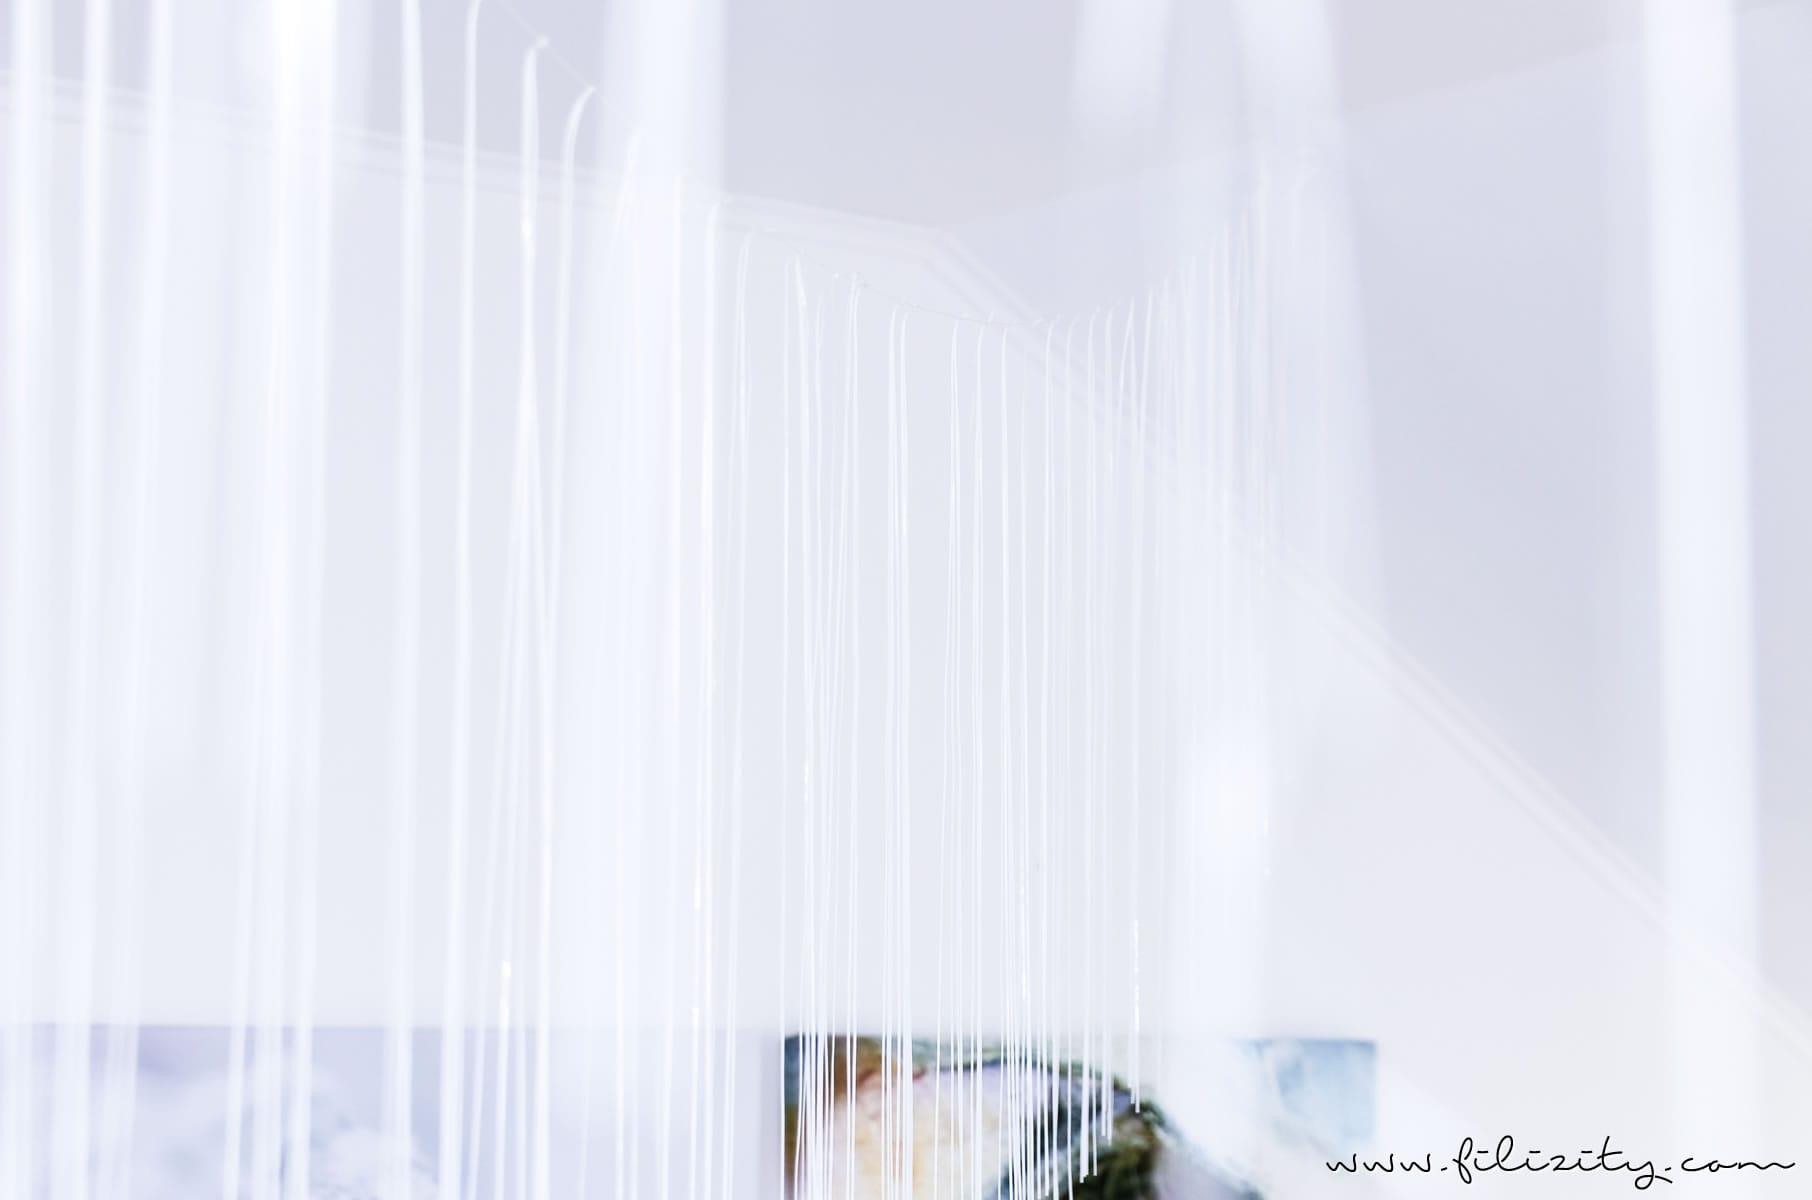 DIY Party-Deko: Lametta-Girlande basteln für die Geburtstagsfeier, als Hochzeitsdeko oder für die Silvester-Party | Filizity.com | DIY-Blog aus dem Rheinland #party #silvester #nye